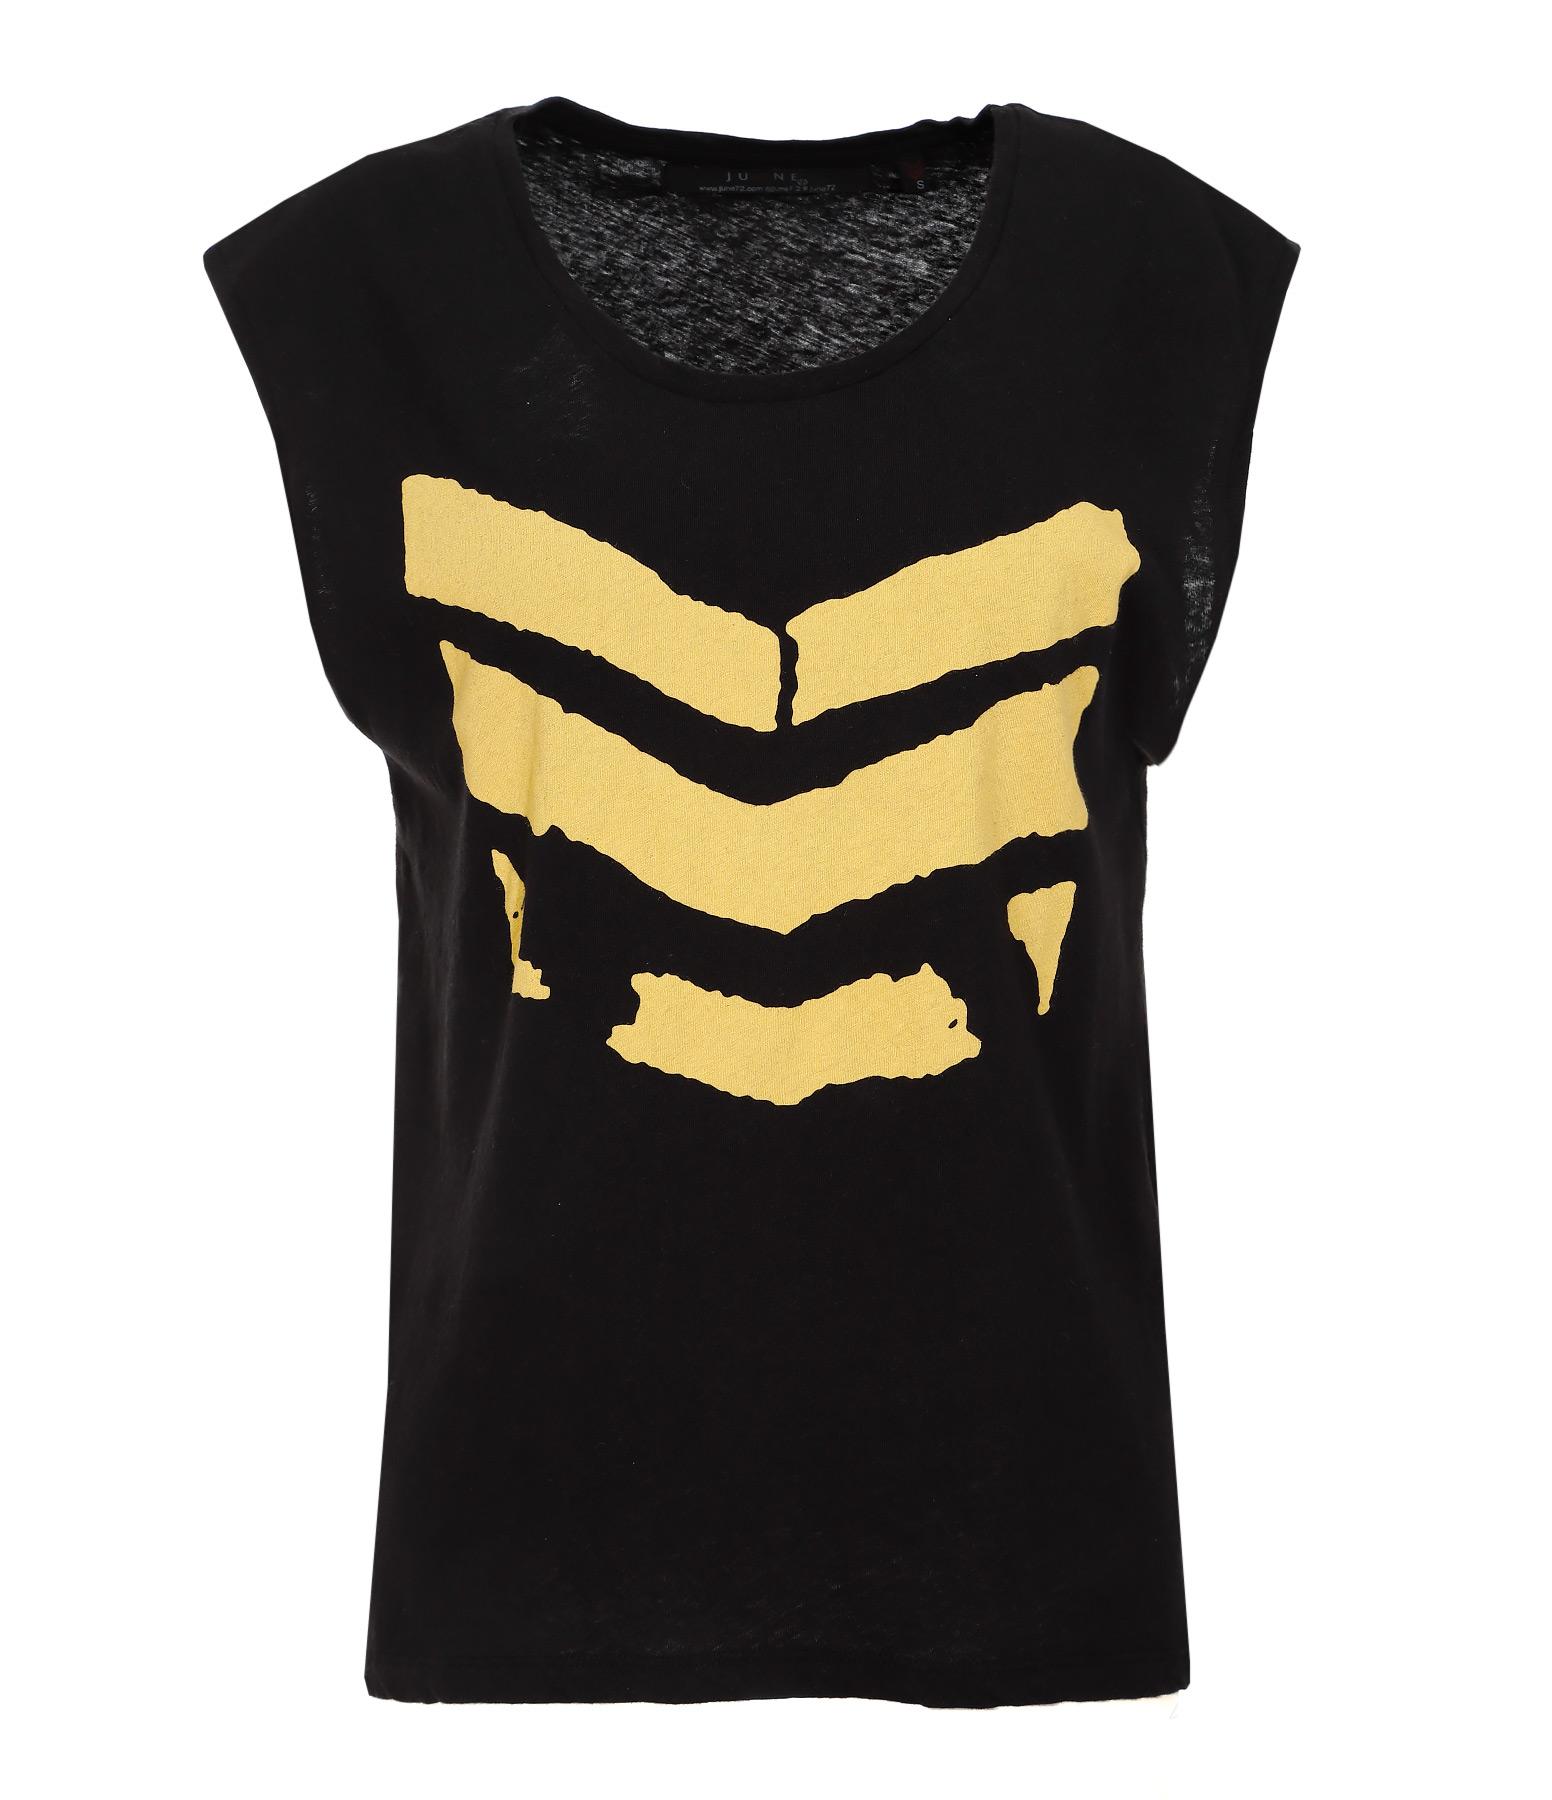 Tee-shirt Hayden Broken Coton Lin Noir Logo Jaune